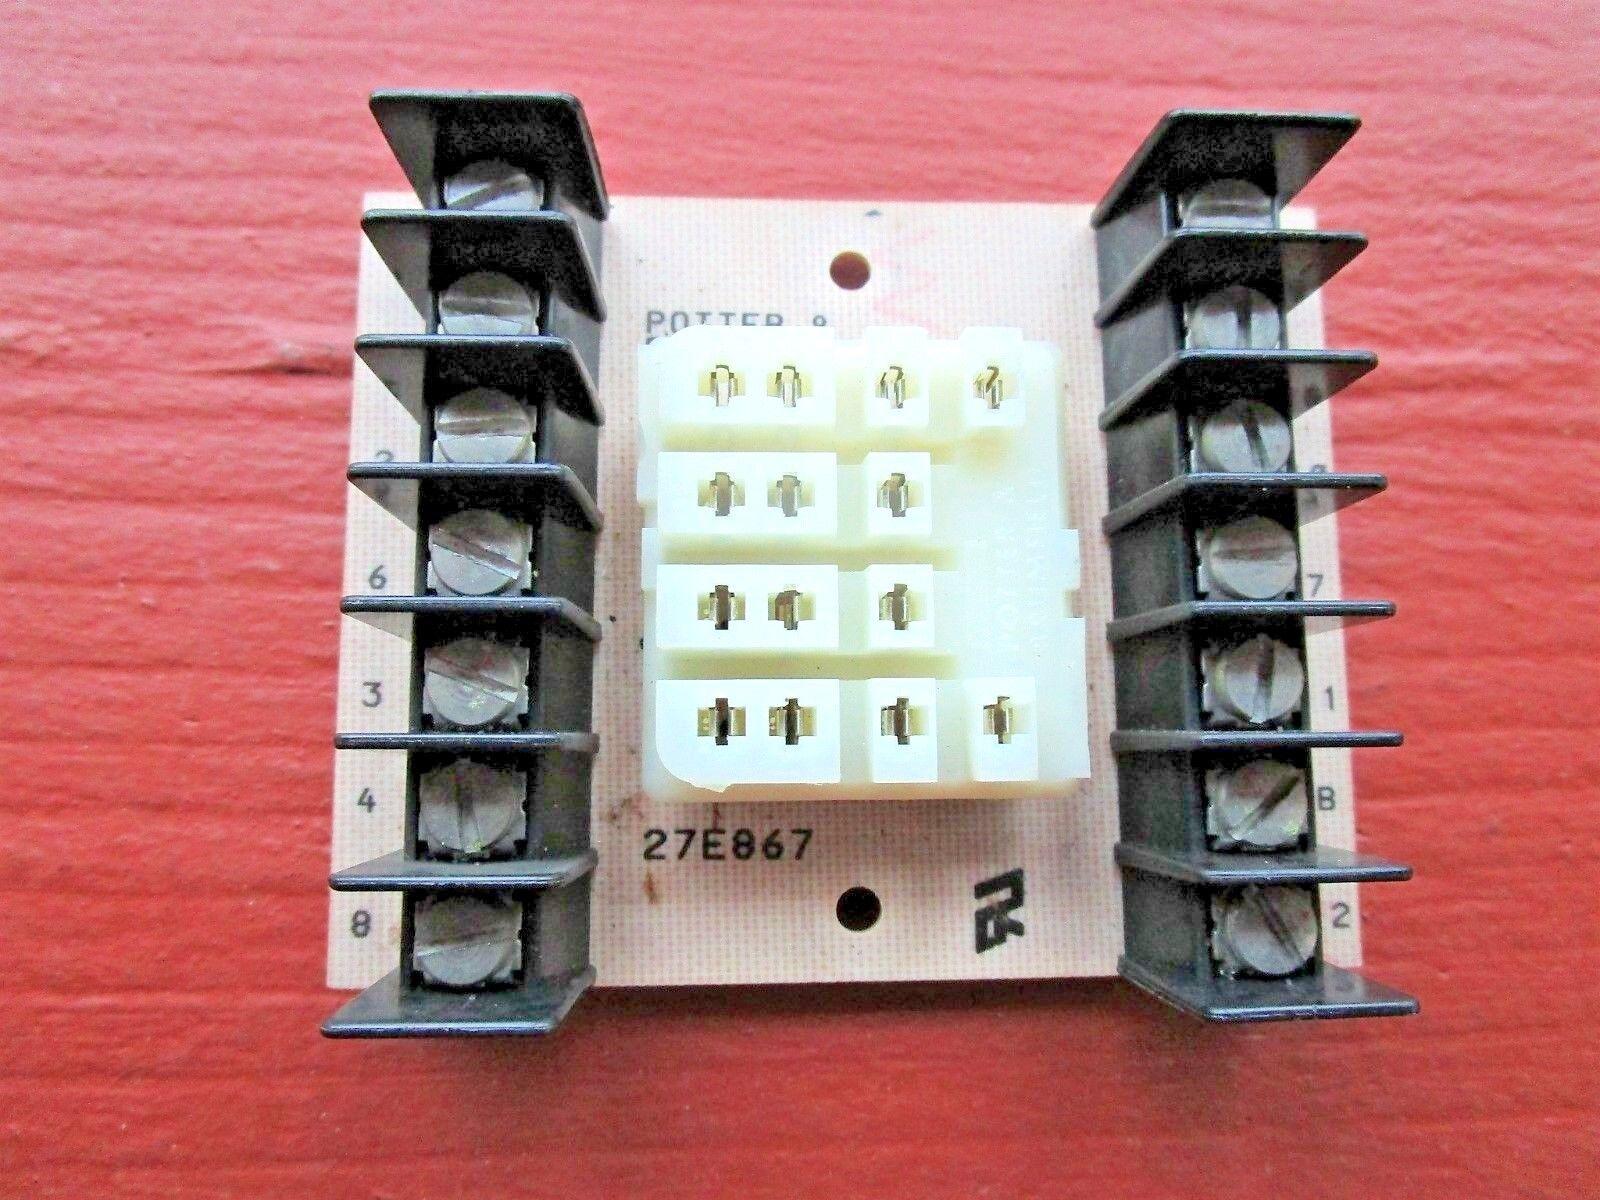 TE CONNECTIVITY 27E867 NEW NO BOX 27E867